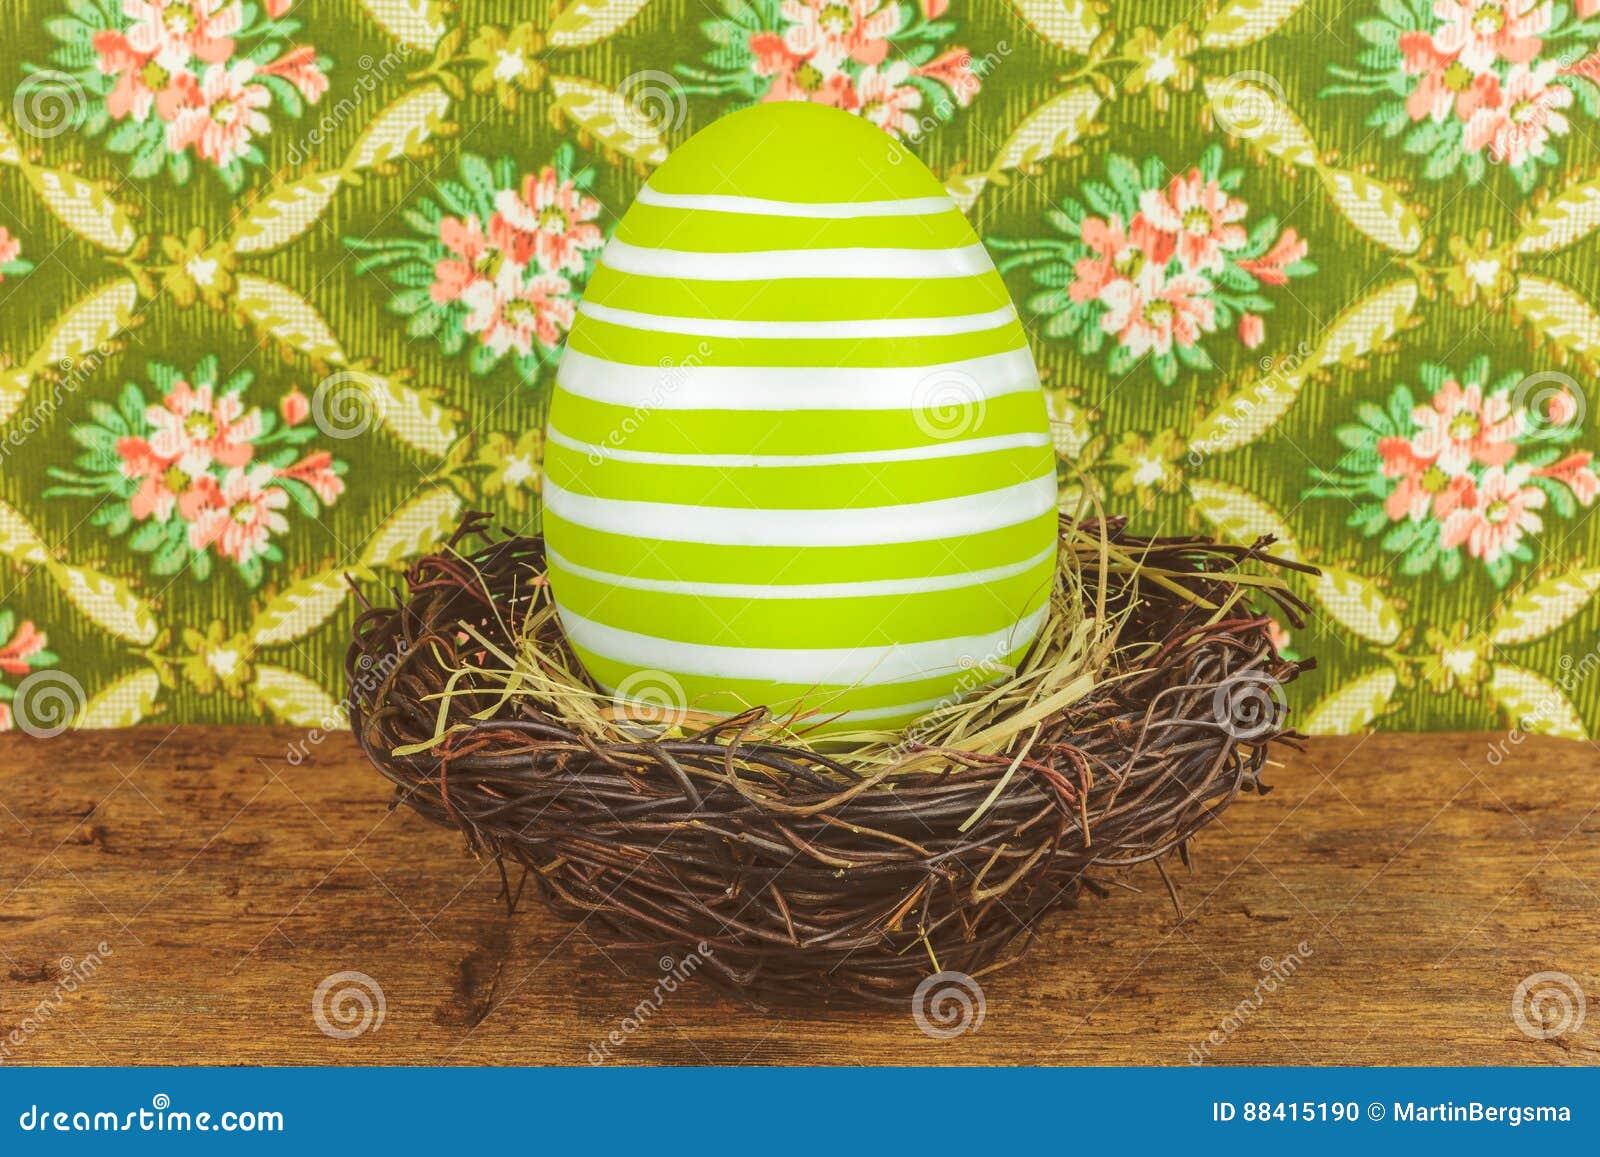 Gräsplan färgat stort easter ägg i ett fågelrede på en trätabell